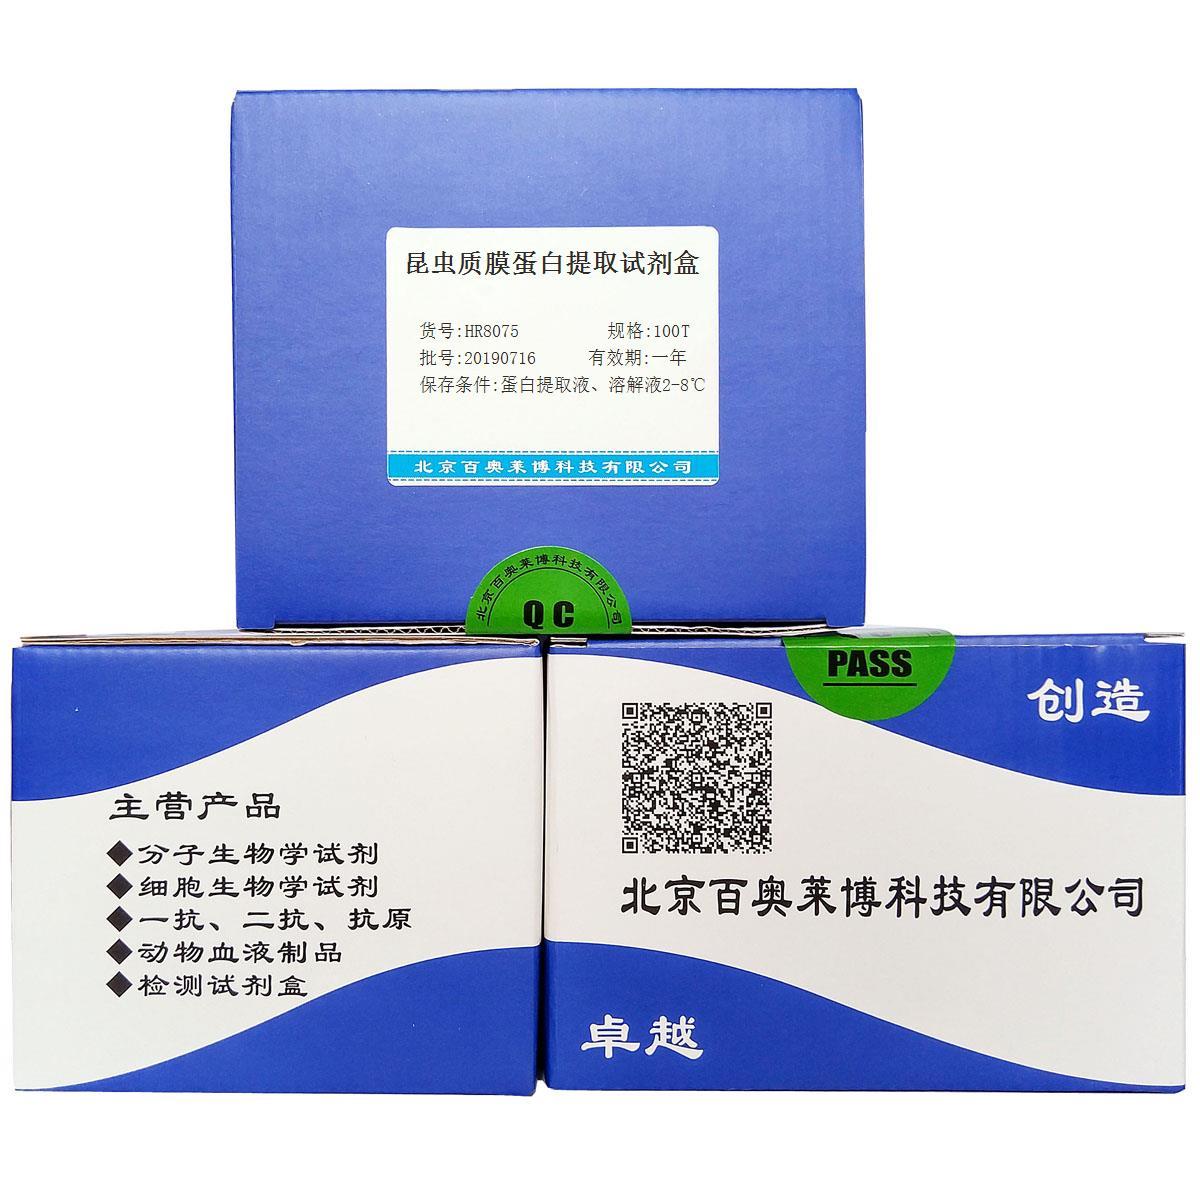 昆虫质膜蛋白提取试剂盒北京现货